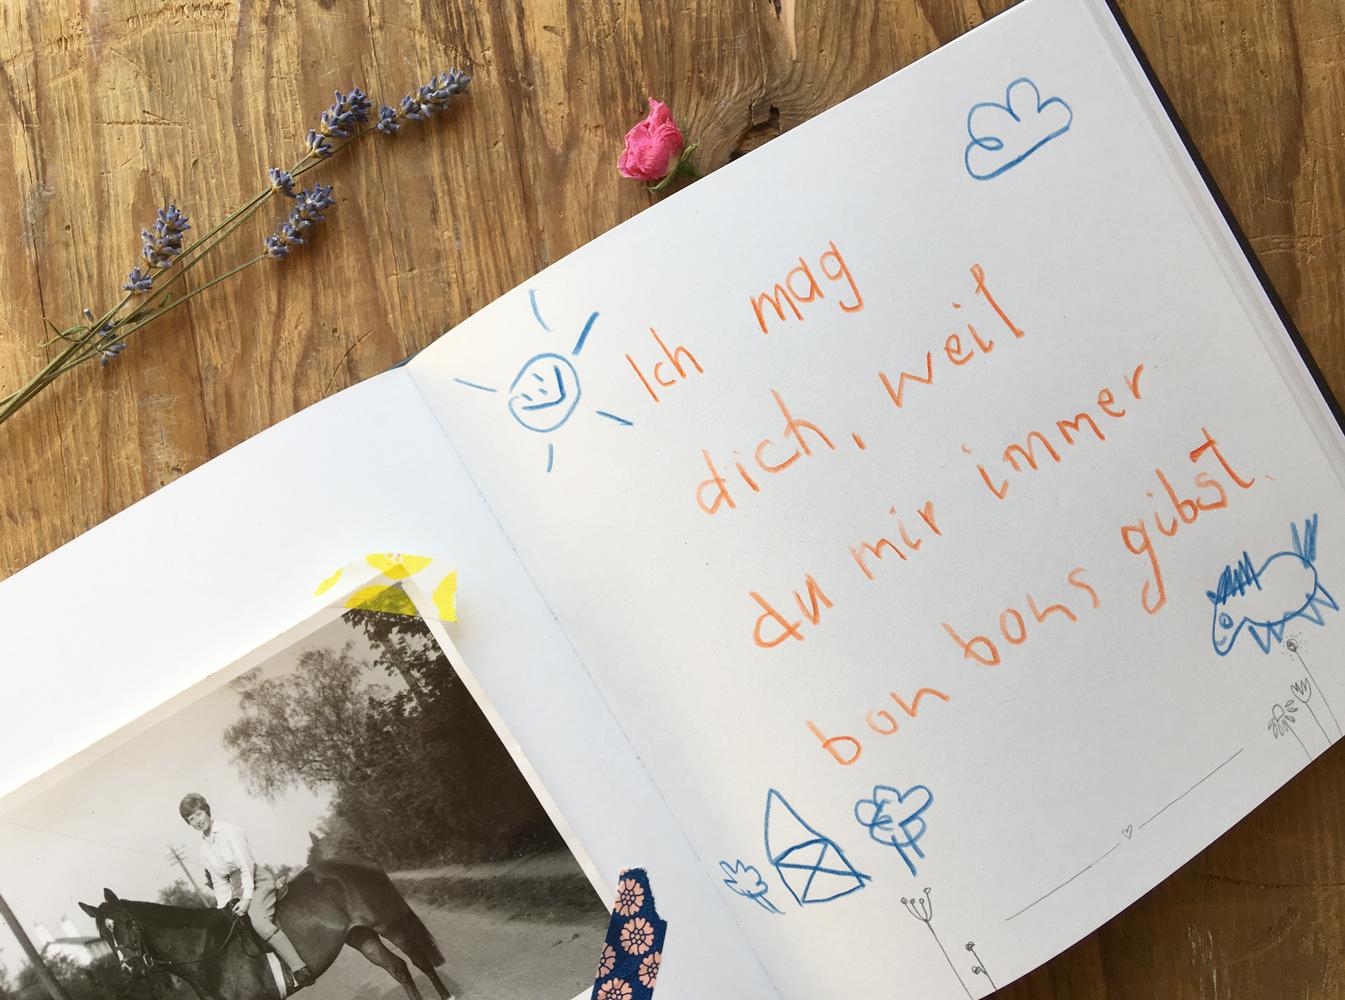 40 Seiten Hochzeitsg/ästebuch Hochzeit Geschenk Album G/ästebuch Hochzeit /Kraft Hardcover mit Spitzendekoration 28 x 21 cm Hochzeitsbuch Geburtstag Taufe Buch Babyparty Konfirmation